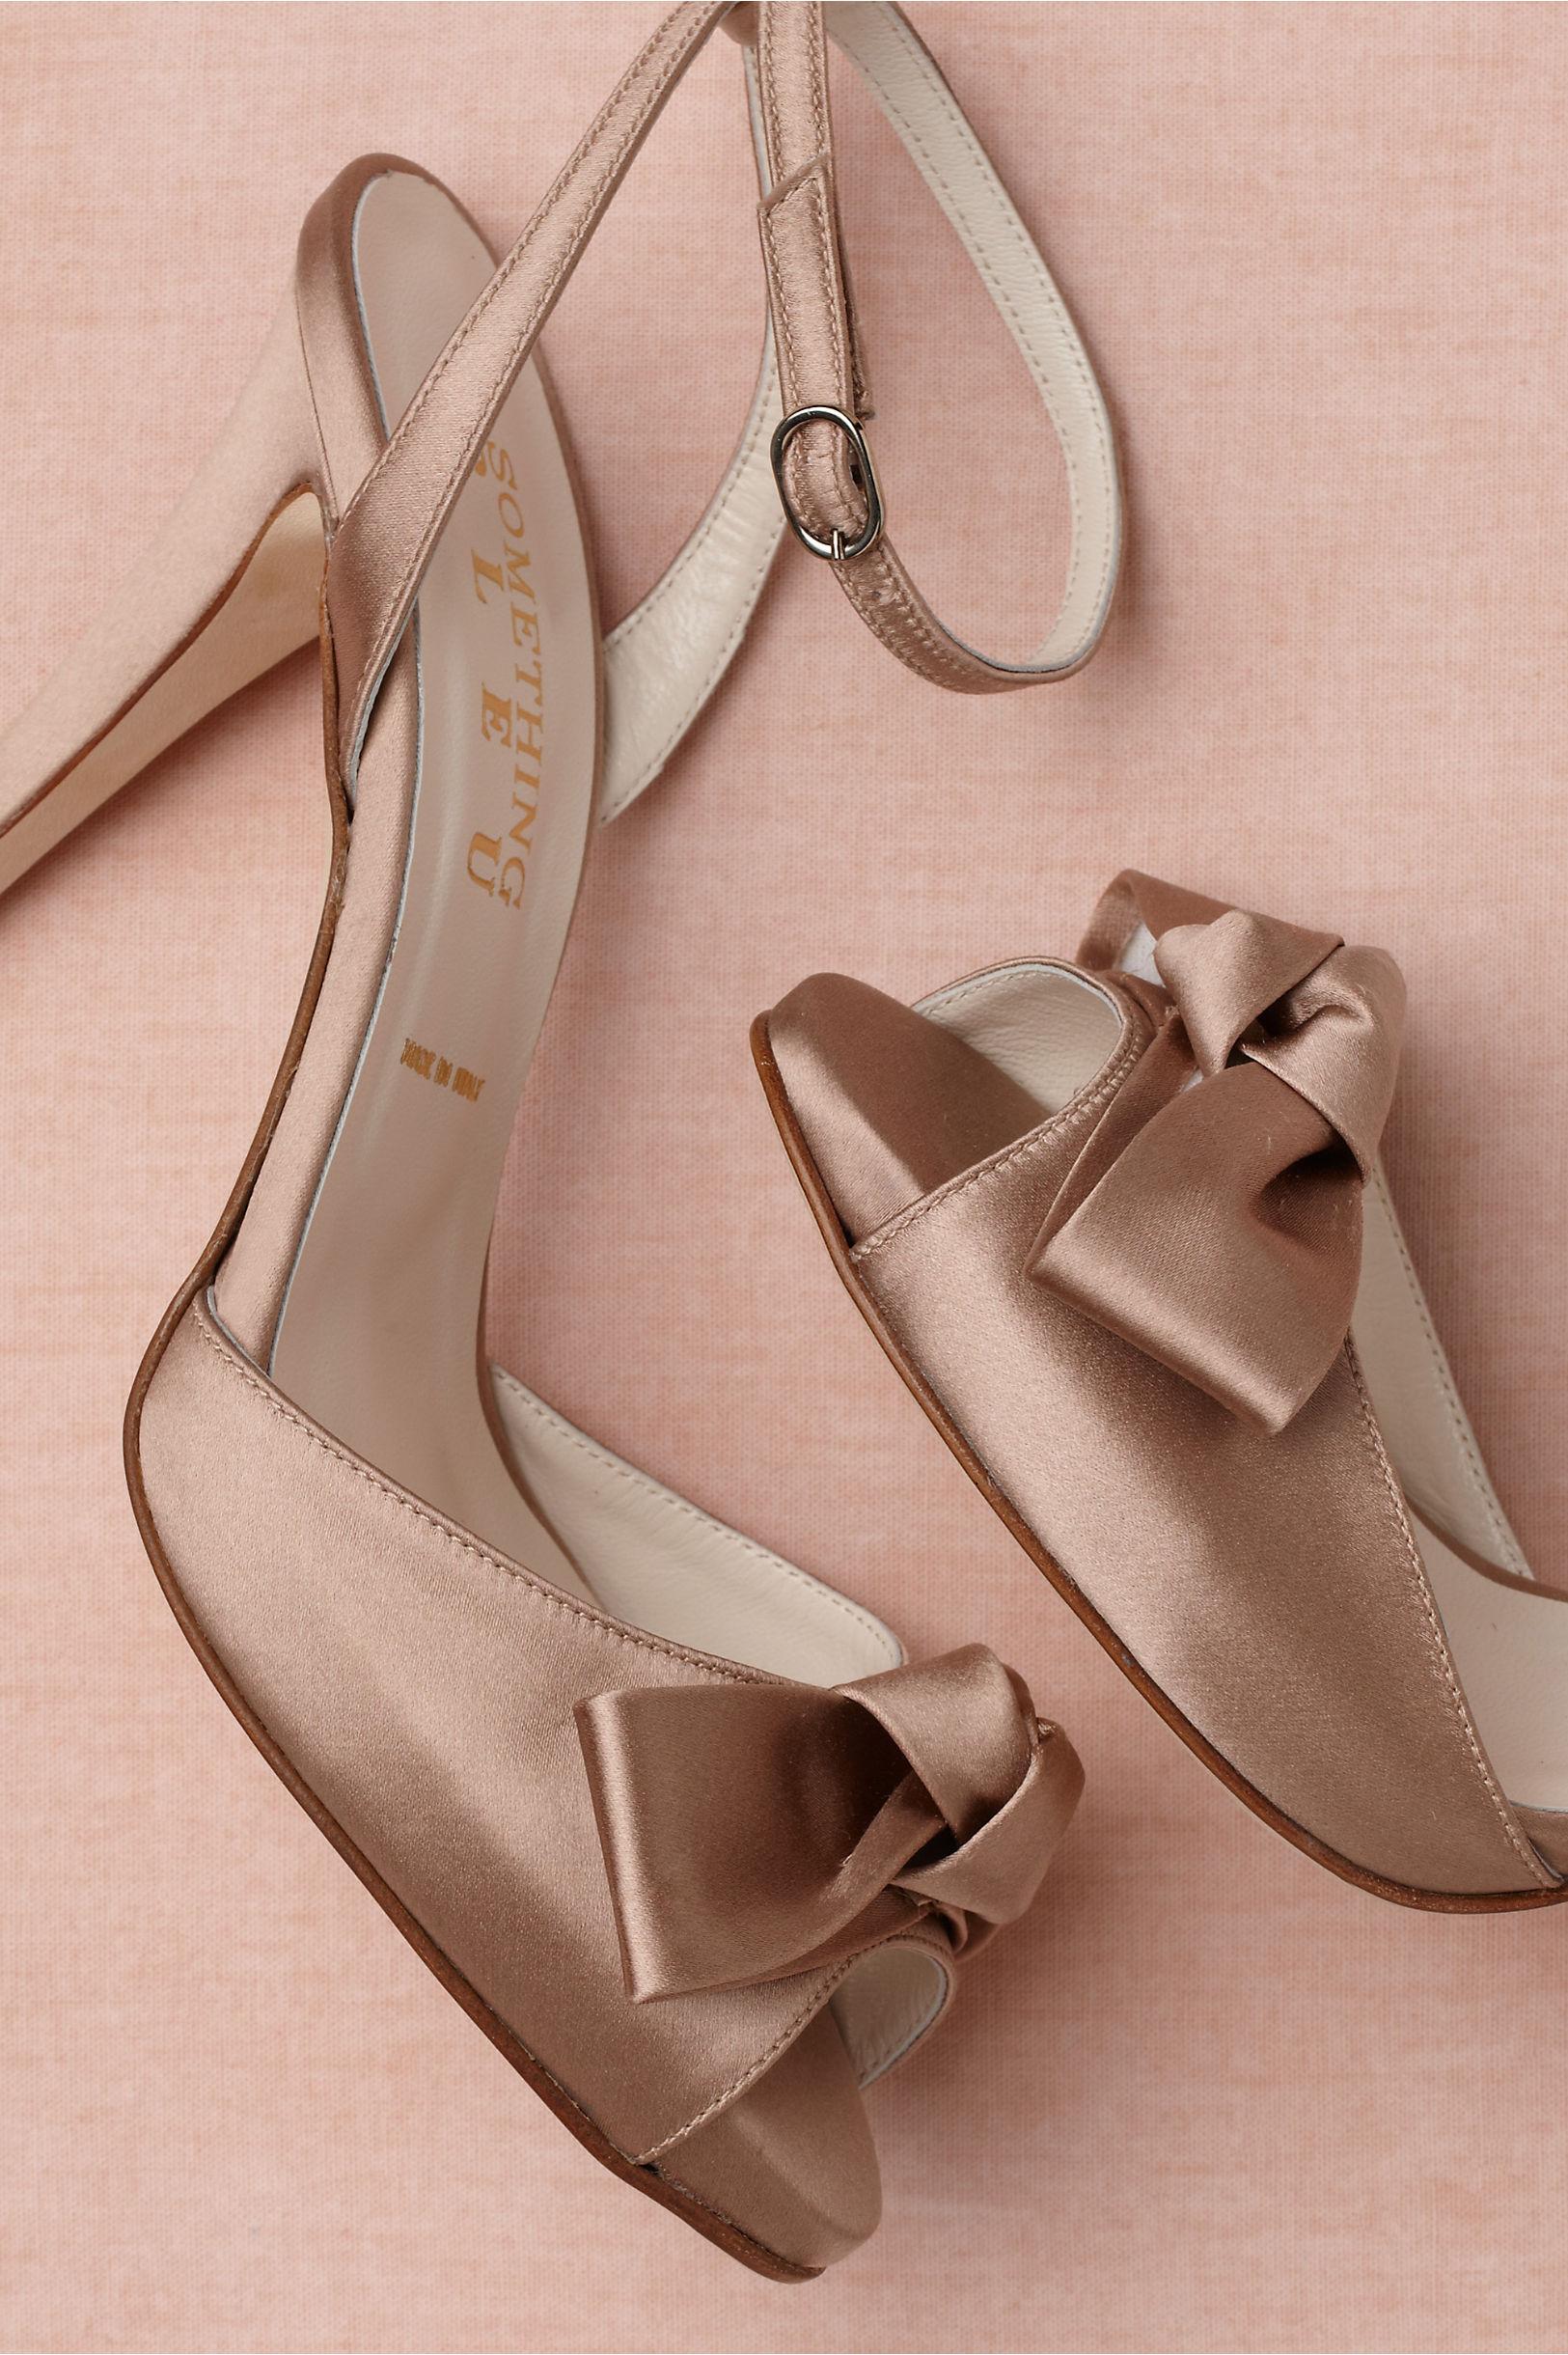 dodatki ślubne BOHO romantyczna kwiatowa trendy ślubne 2013 buty